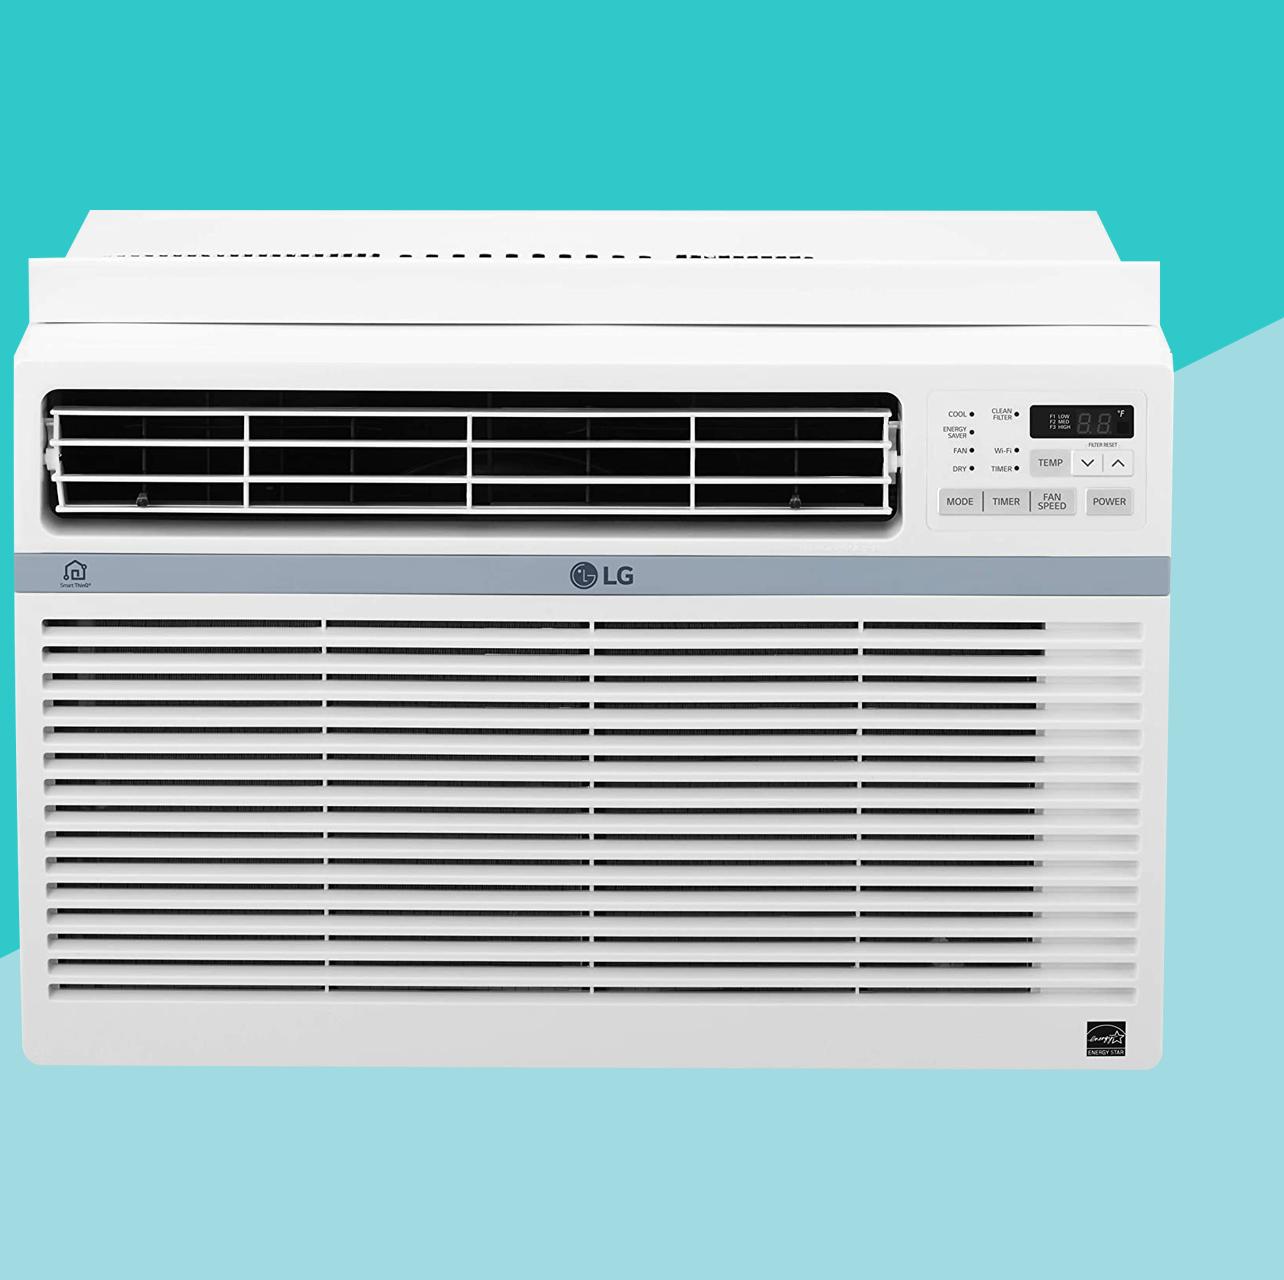 Unique Quiet Window Air Conditioner Images Beautiful Quiet Window Air Conditioner For Heat And Ac Window Units Wall Mounted Air Conditioner Buy Window Air Cond